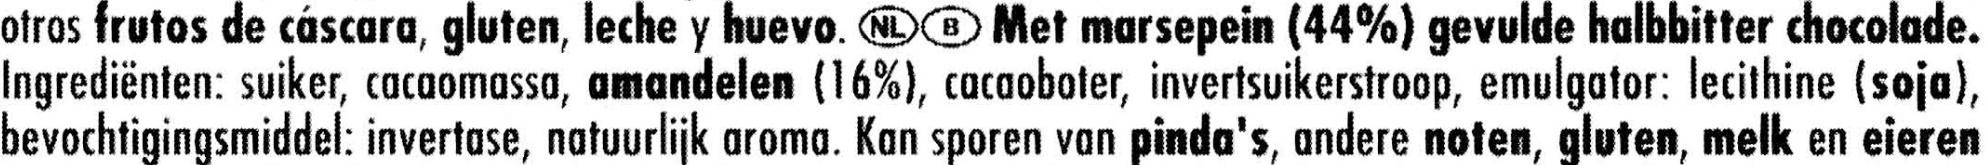 Marzipan - Ingrediënten - nl